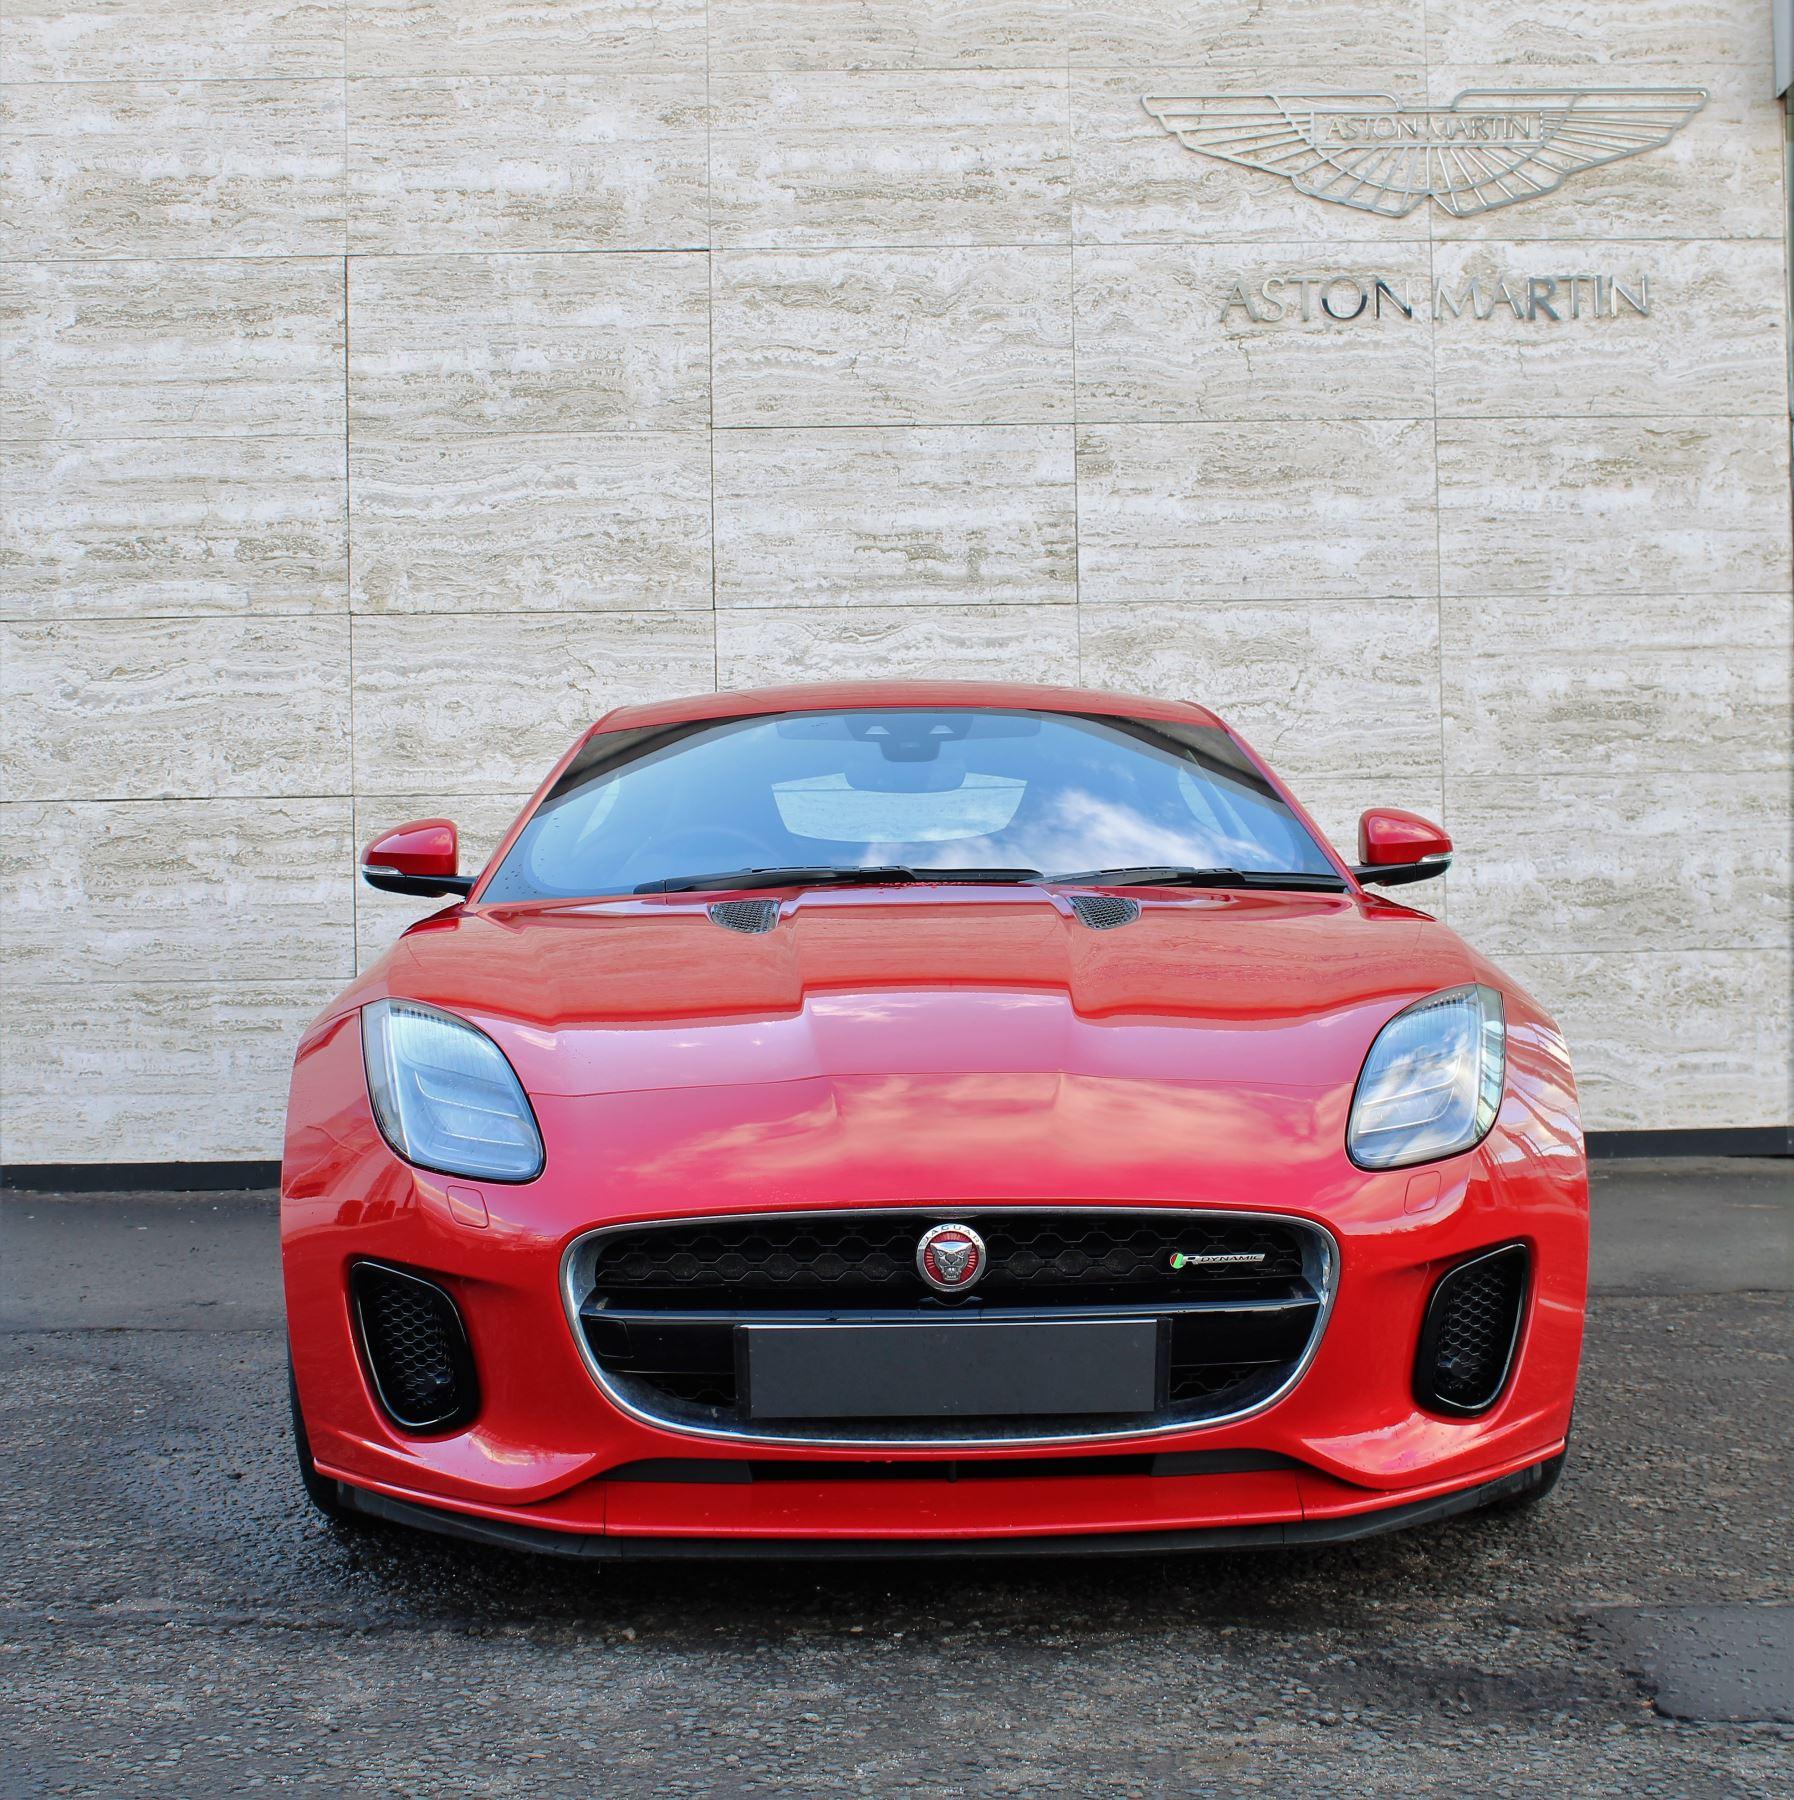 Jaguar F-TYPE 3.0 Supercharged V6 R-Dynamic 2dr image 2